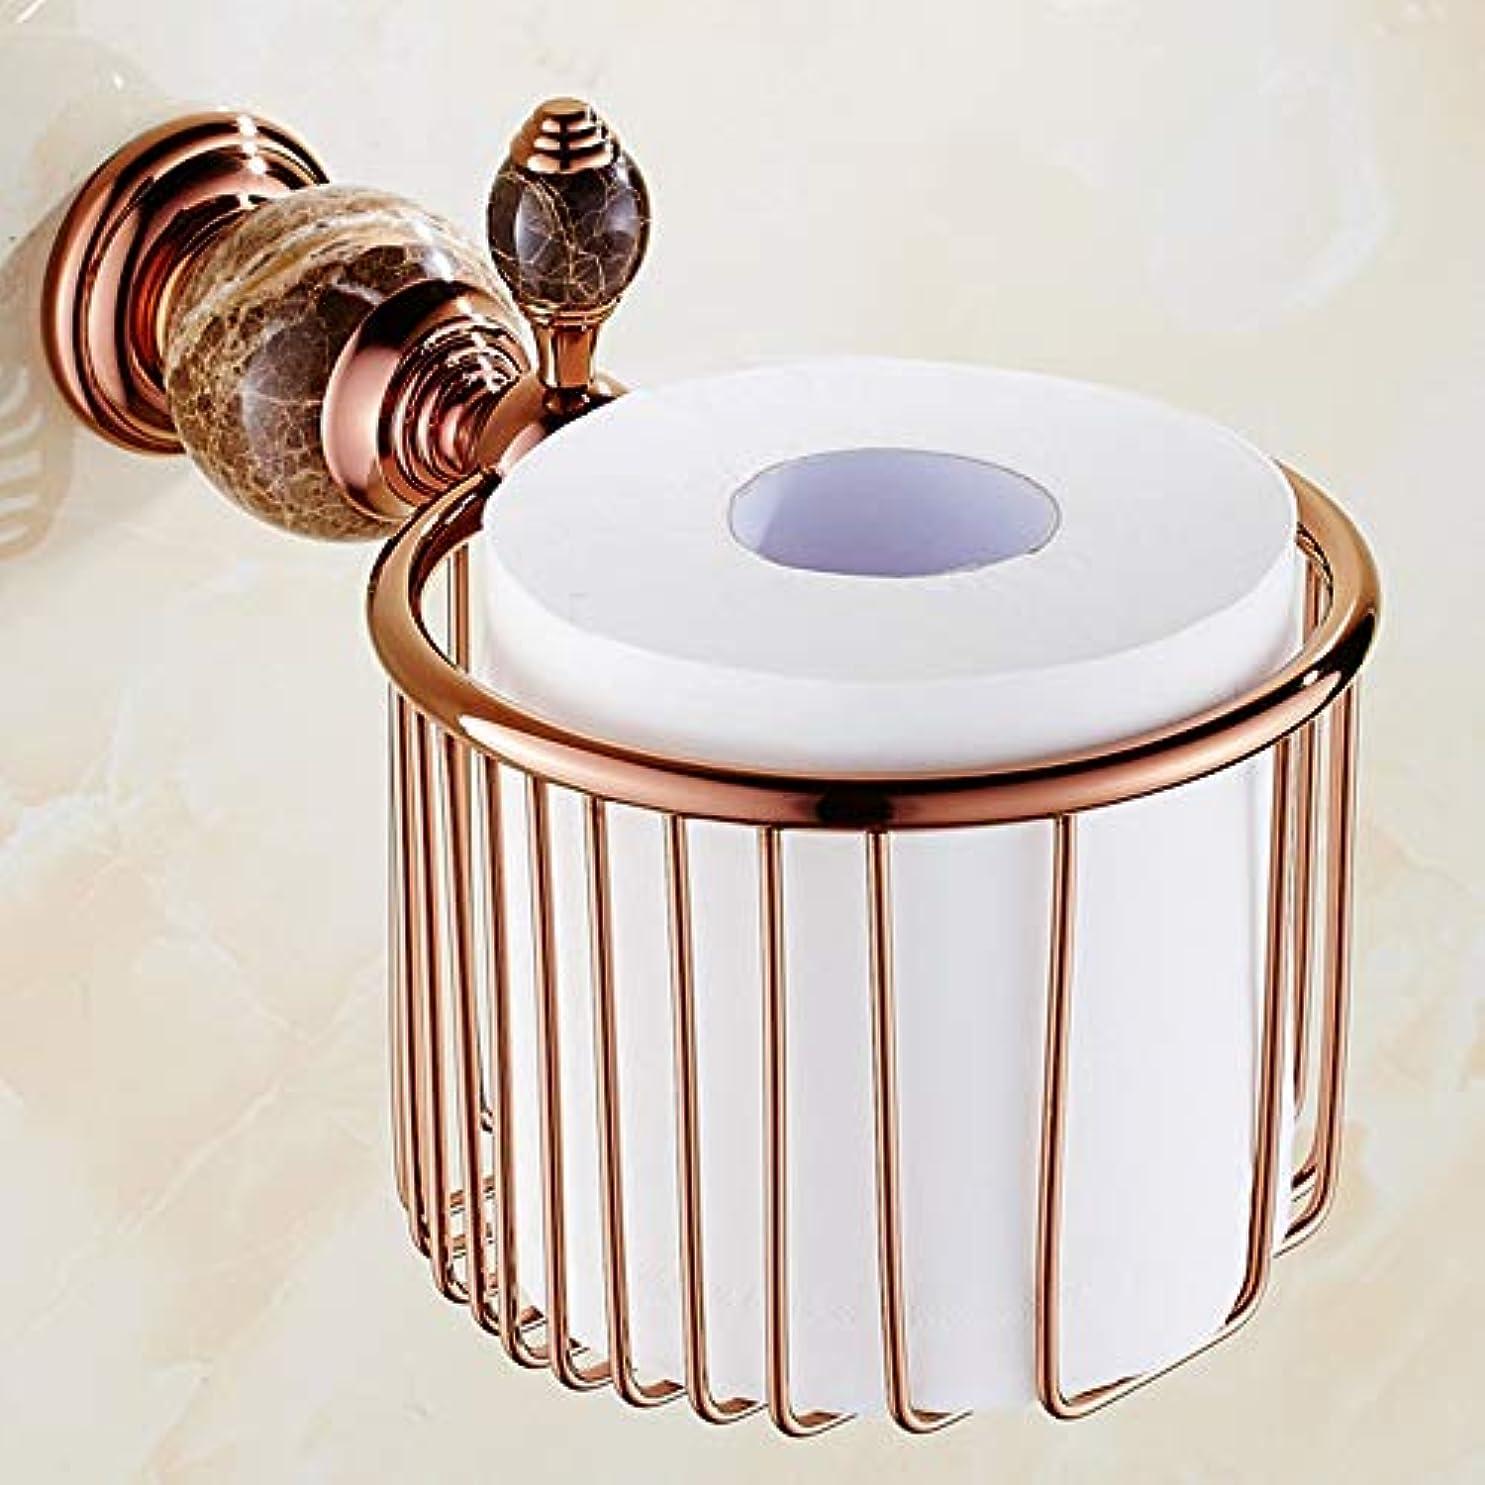 君主ハシー規模ZZLX 紙タオルホルダー、ローズゴールドトイレットティッシュペーパーバストイレットペーパーホルダーティッシュボックス ロングハンドル風呂ブラシ (色 : B)